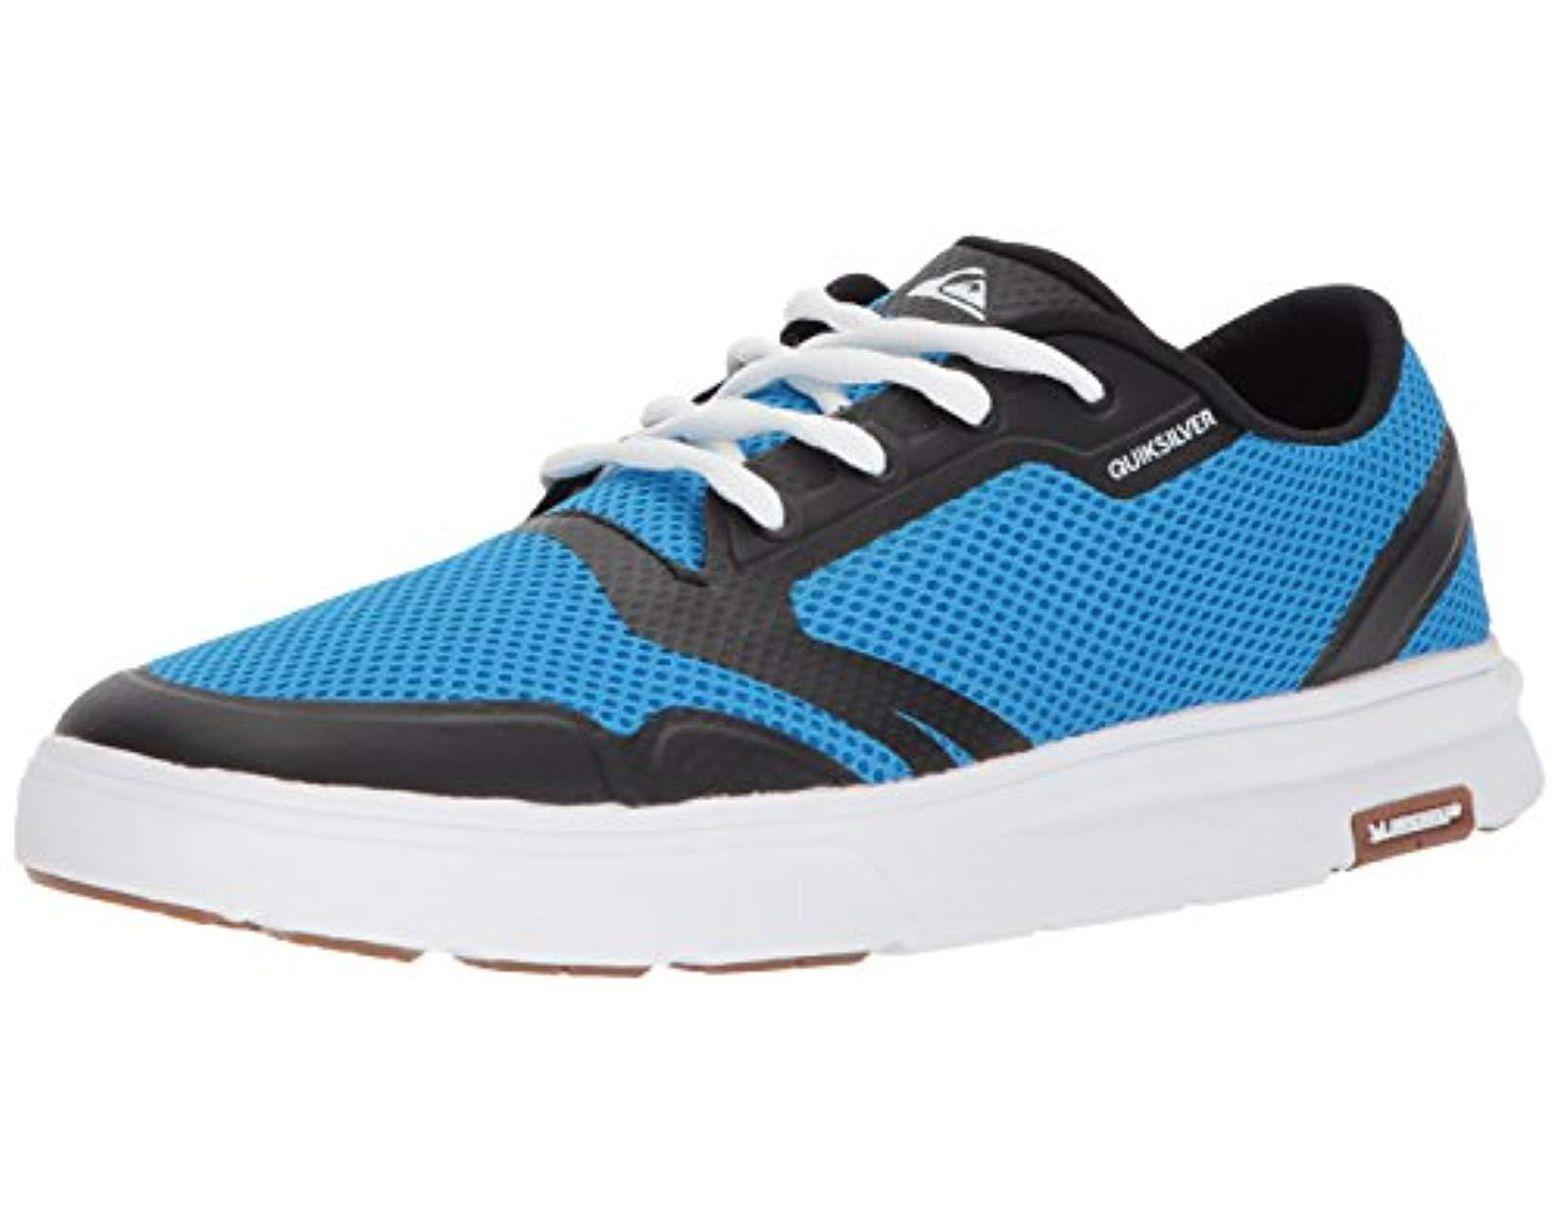 911e8812c4 Men's Blue Amphibian Plus Athletic Water Shoe